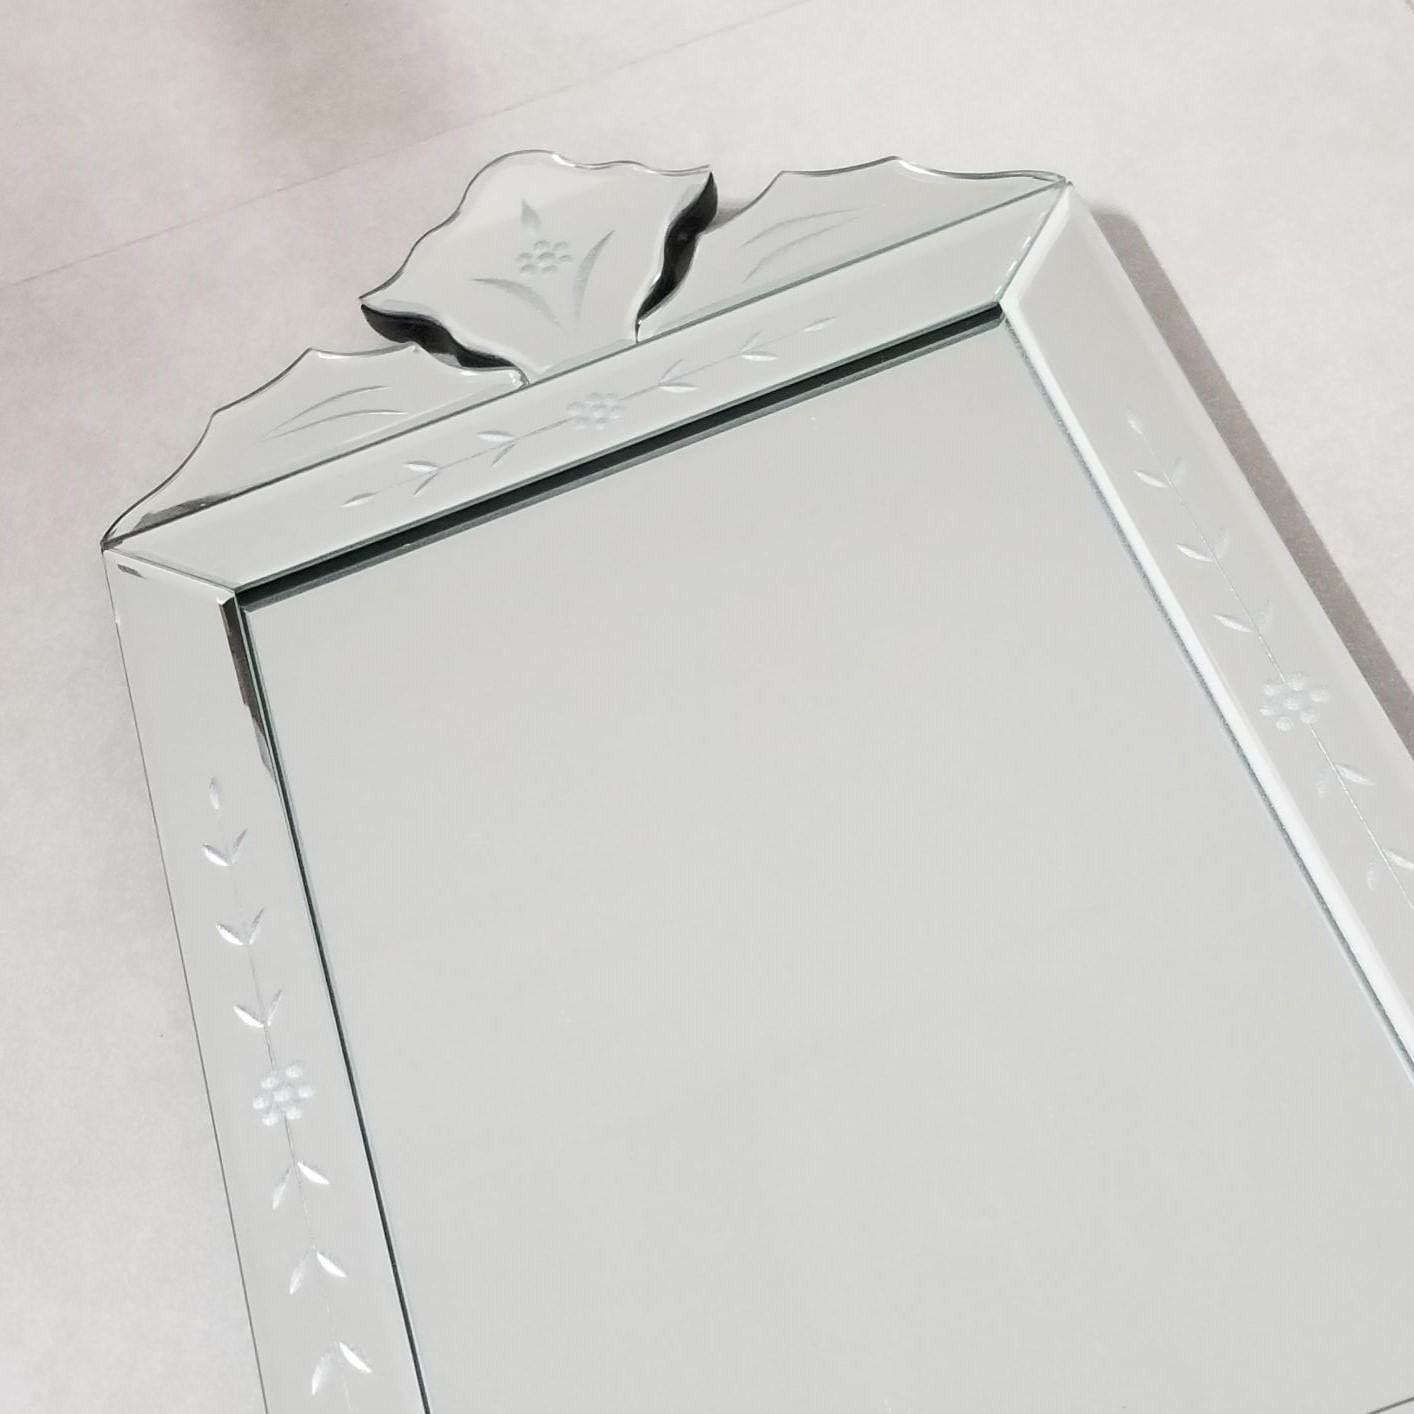 Espelho Veneziano Formato Retangular para Banheiro / Quarto